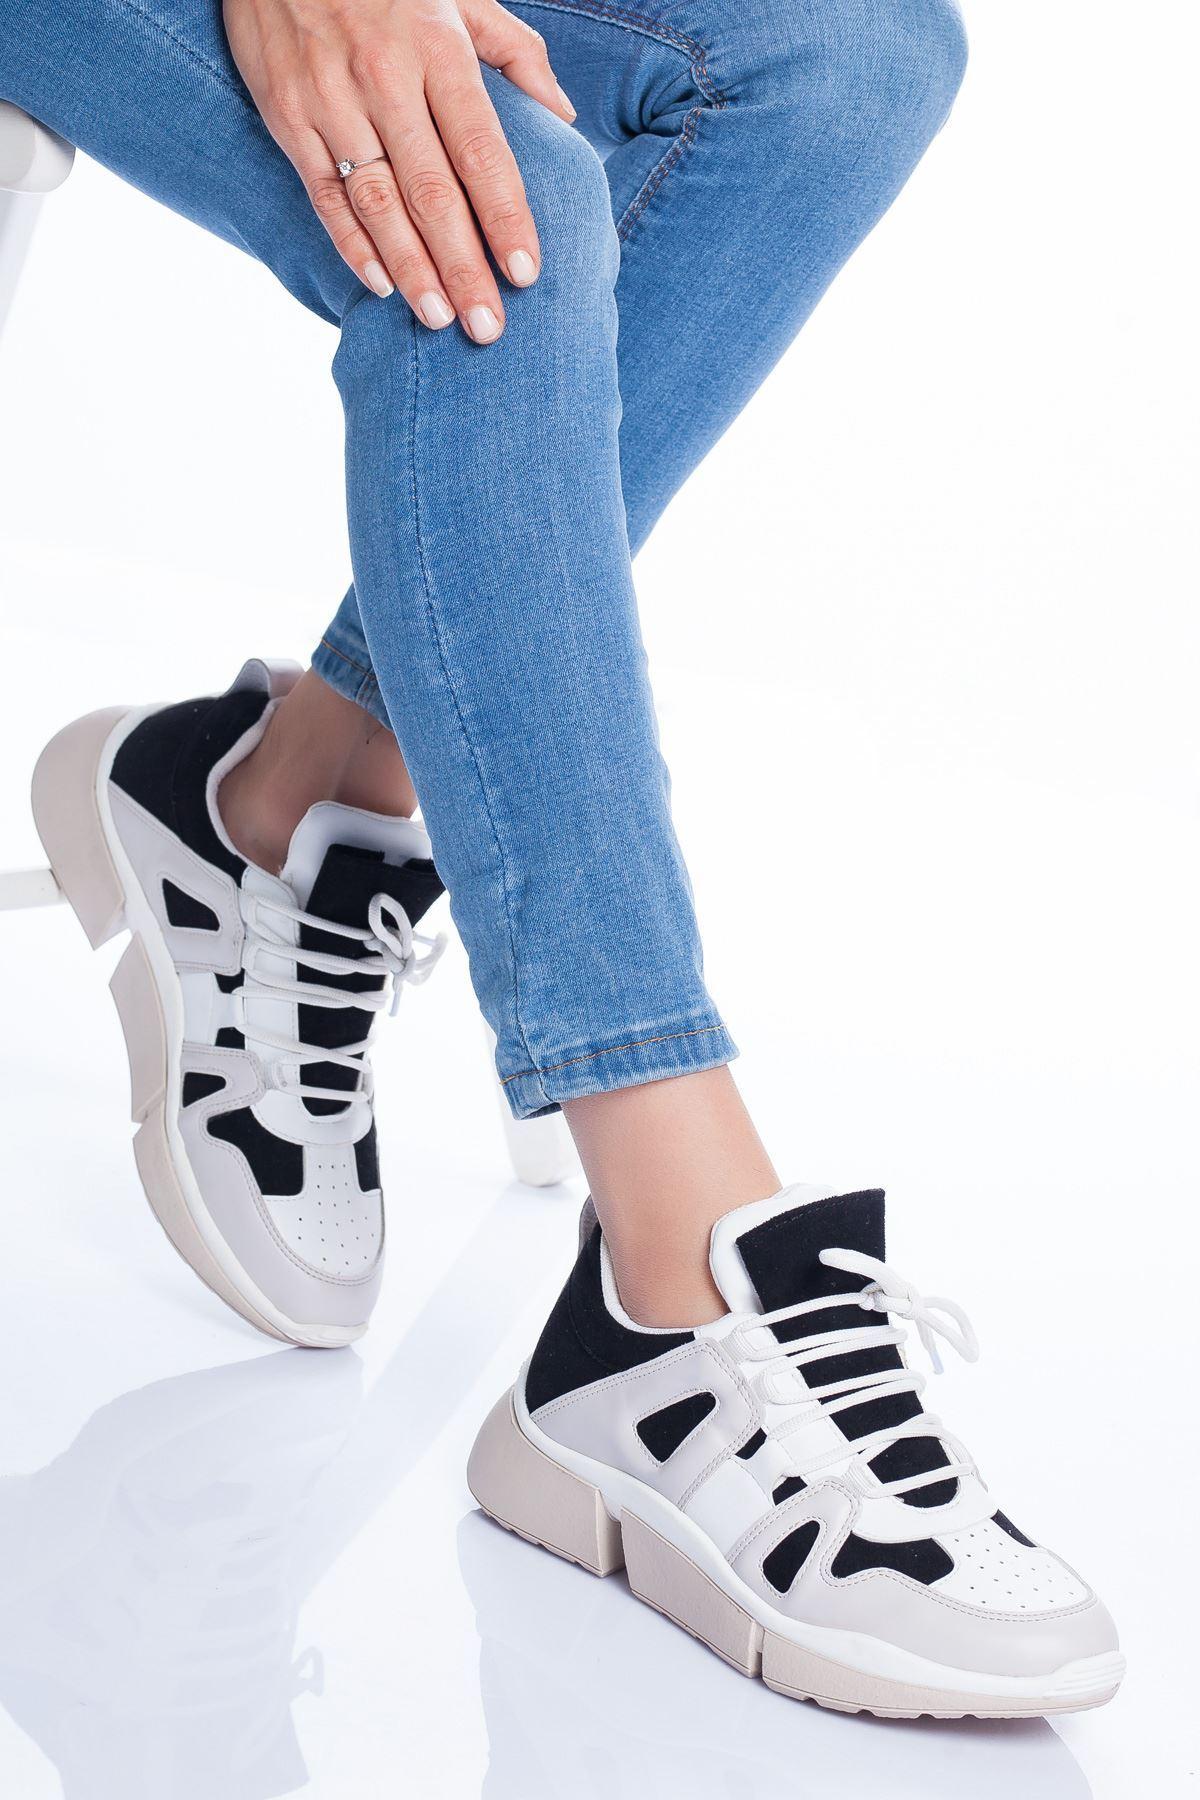 Toni Spor Ayakkabı SİYAH-BEYAZ